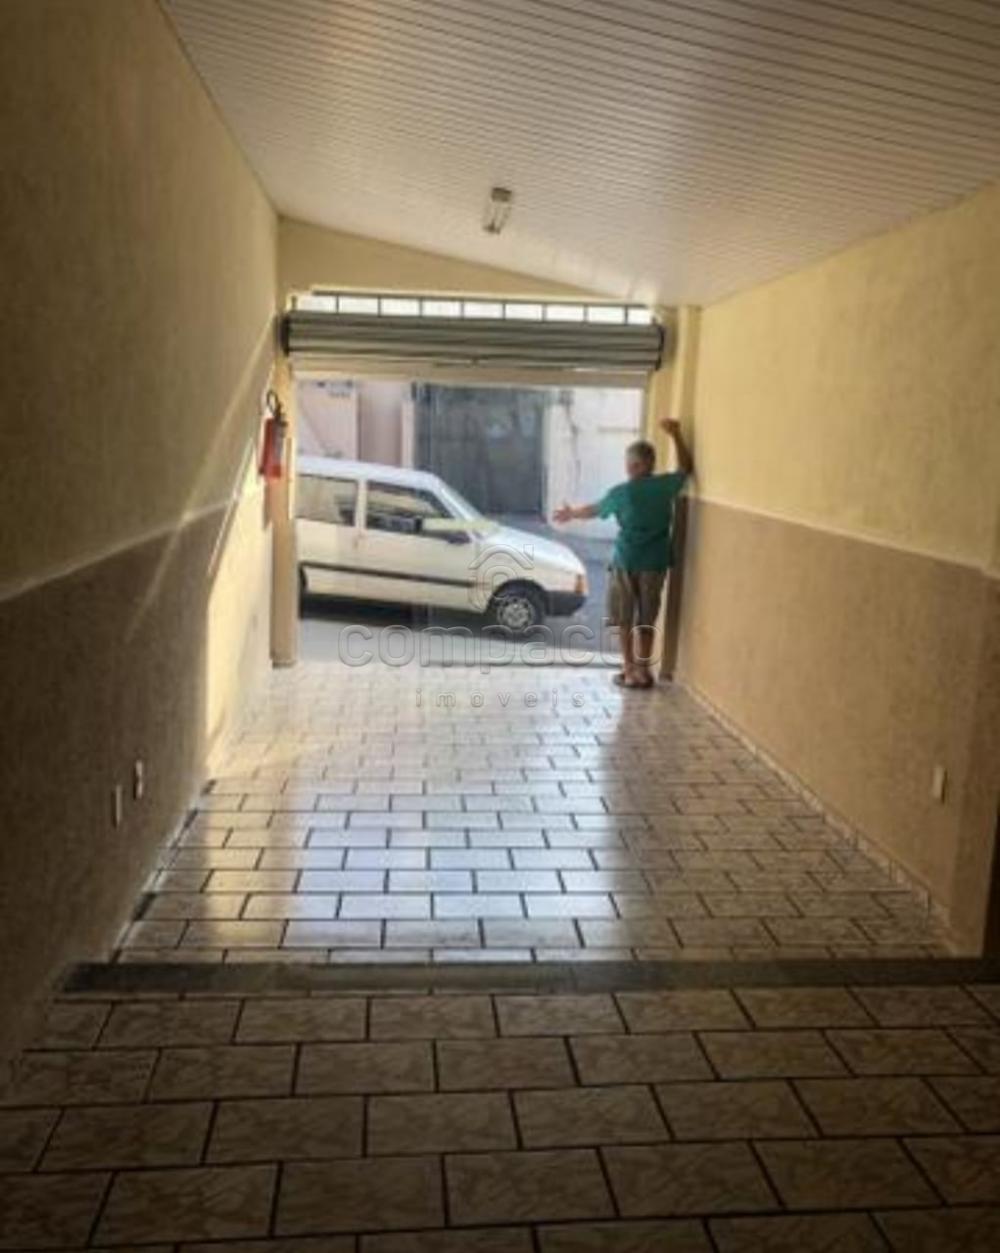 Alugar Comercial / Salão em São José do Rio Preto apenas R$ 1.000,00 - Foto 5